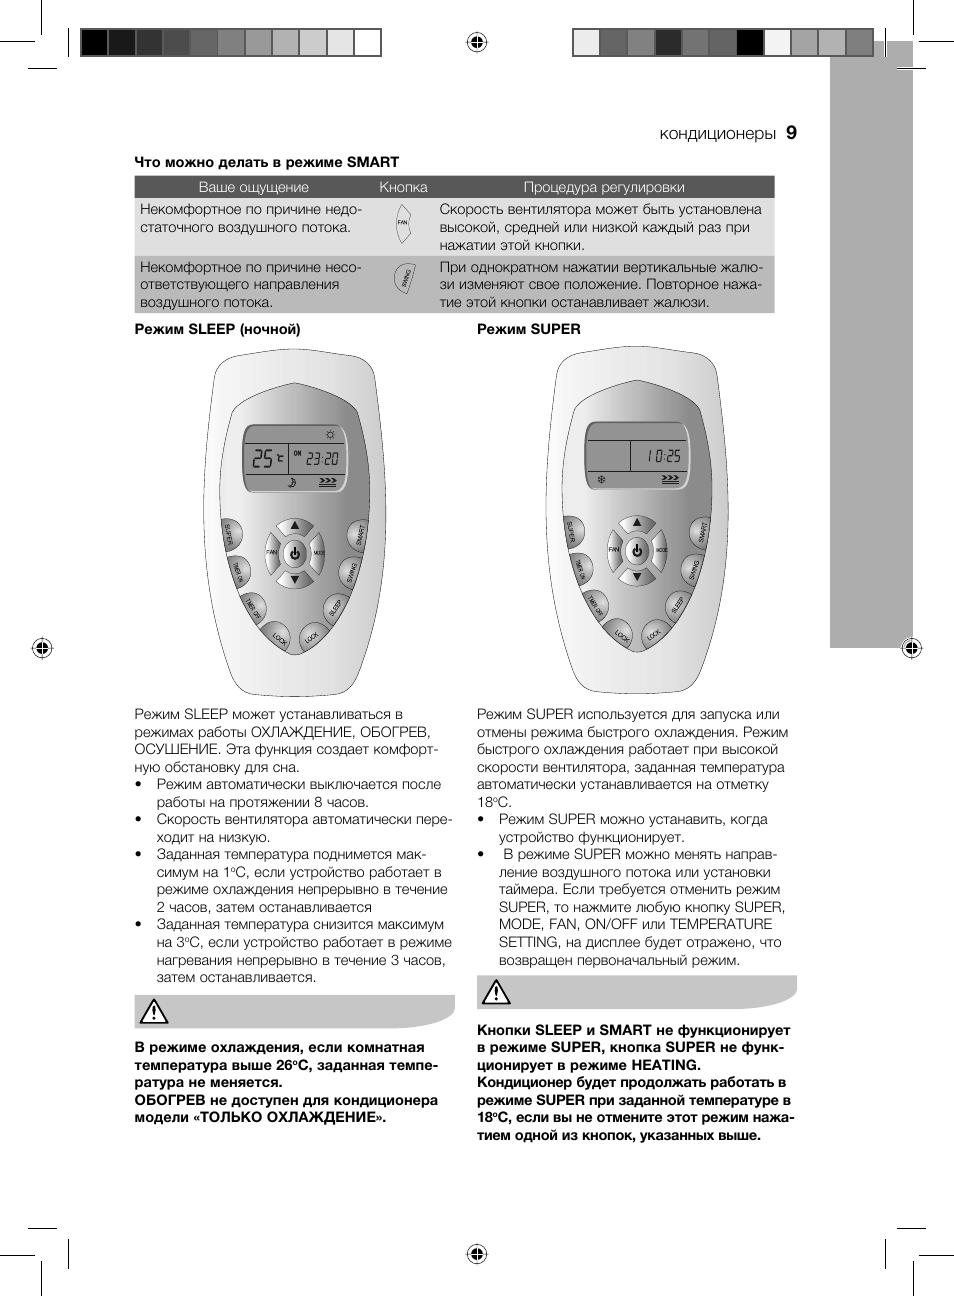 электролюкс кондиционер инструкция по применению